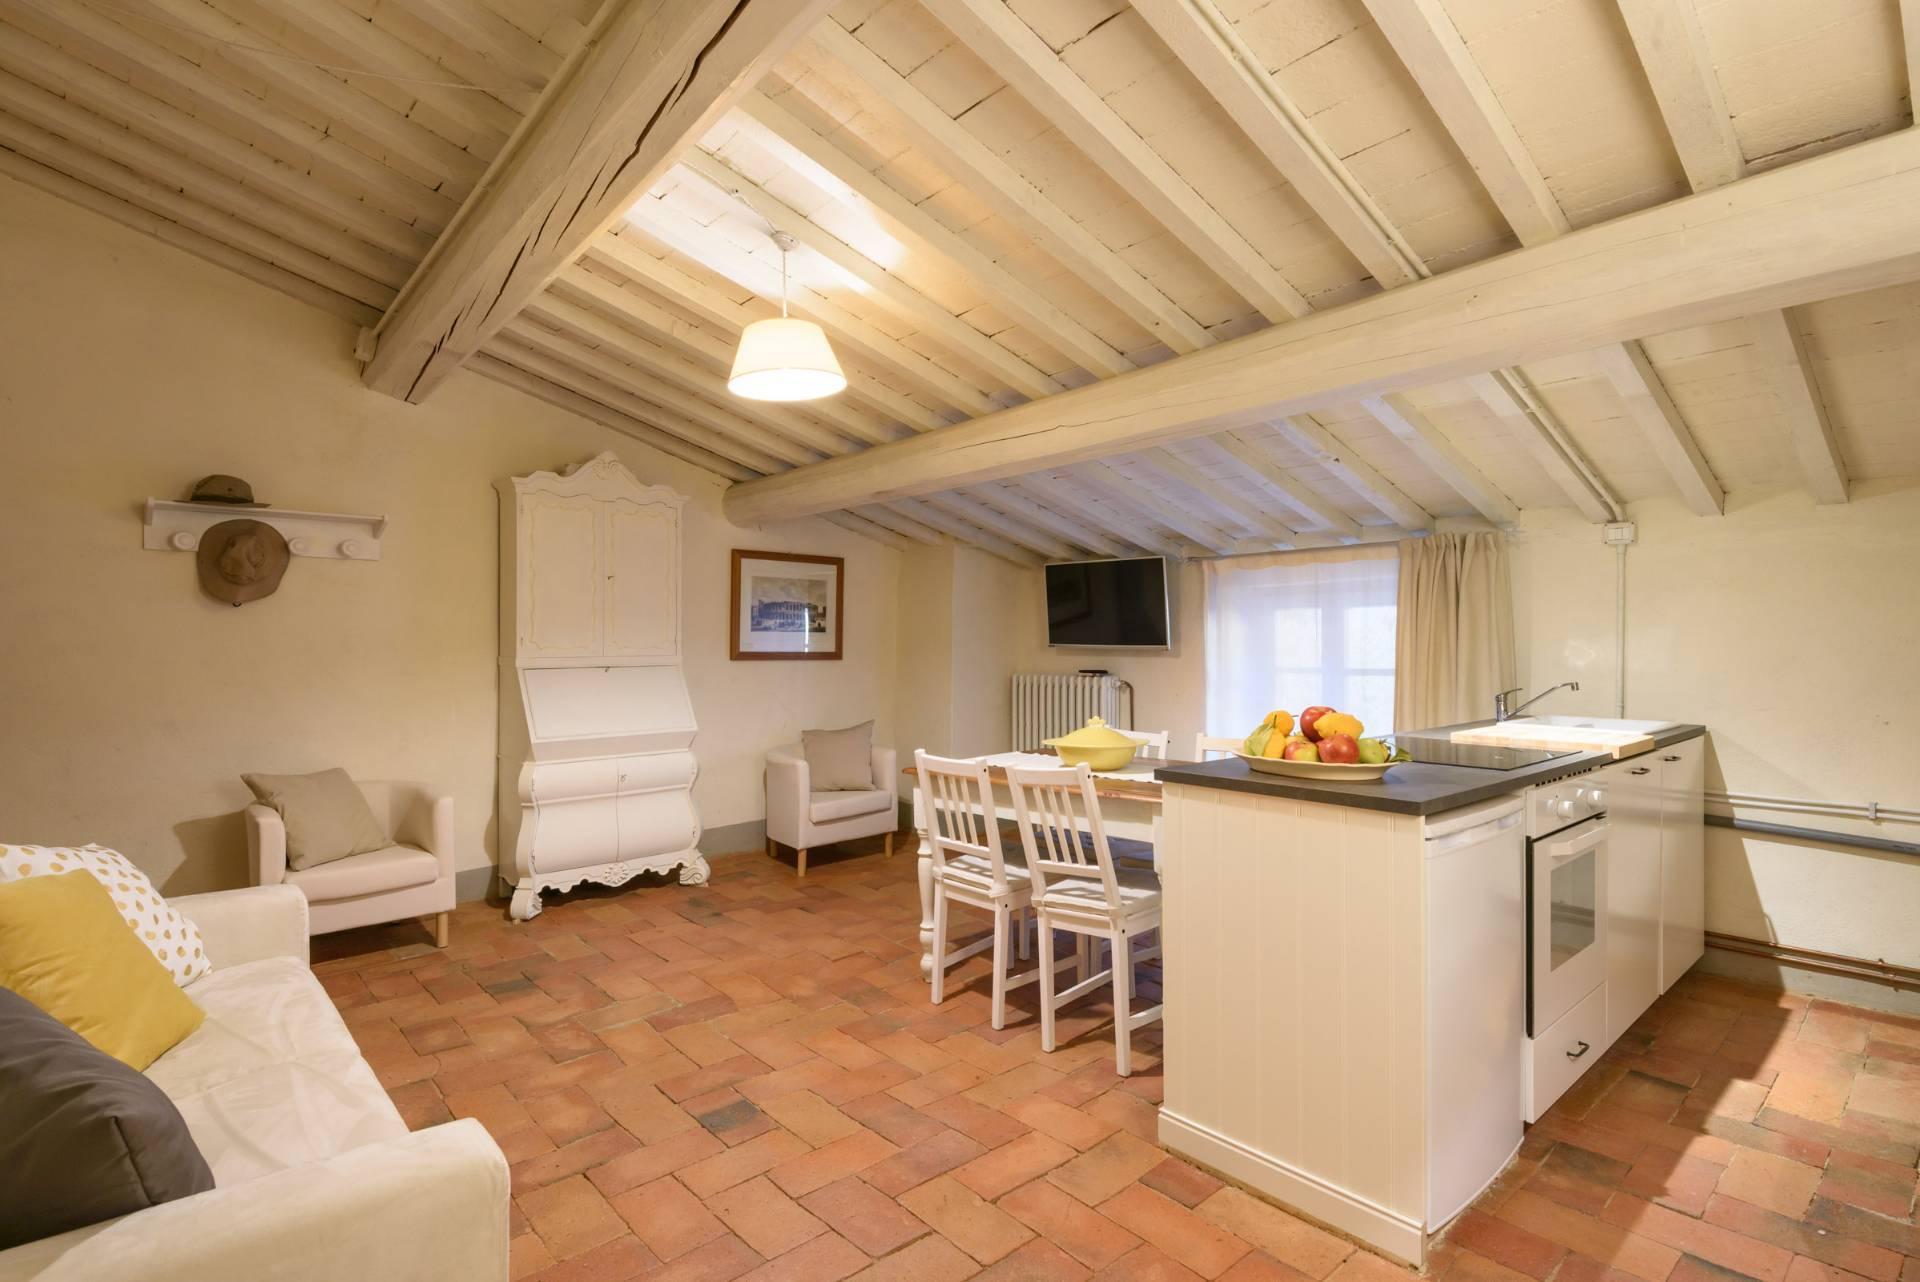 Appartamento in vendita a Anghiari, 2 locali, zona Zona: Scheggia, prezzo € 100.000   CambioCasa.it